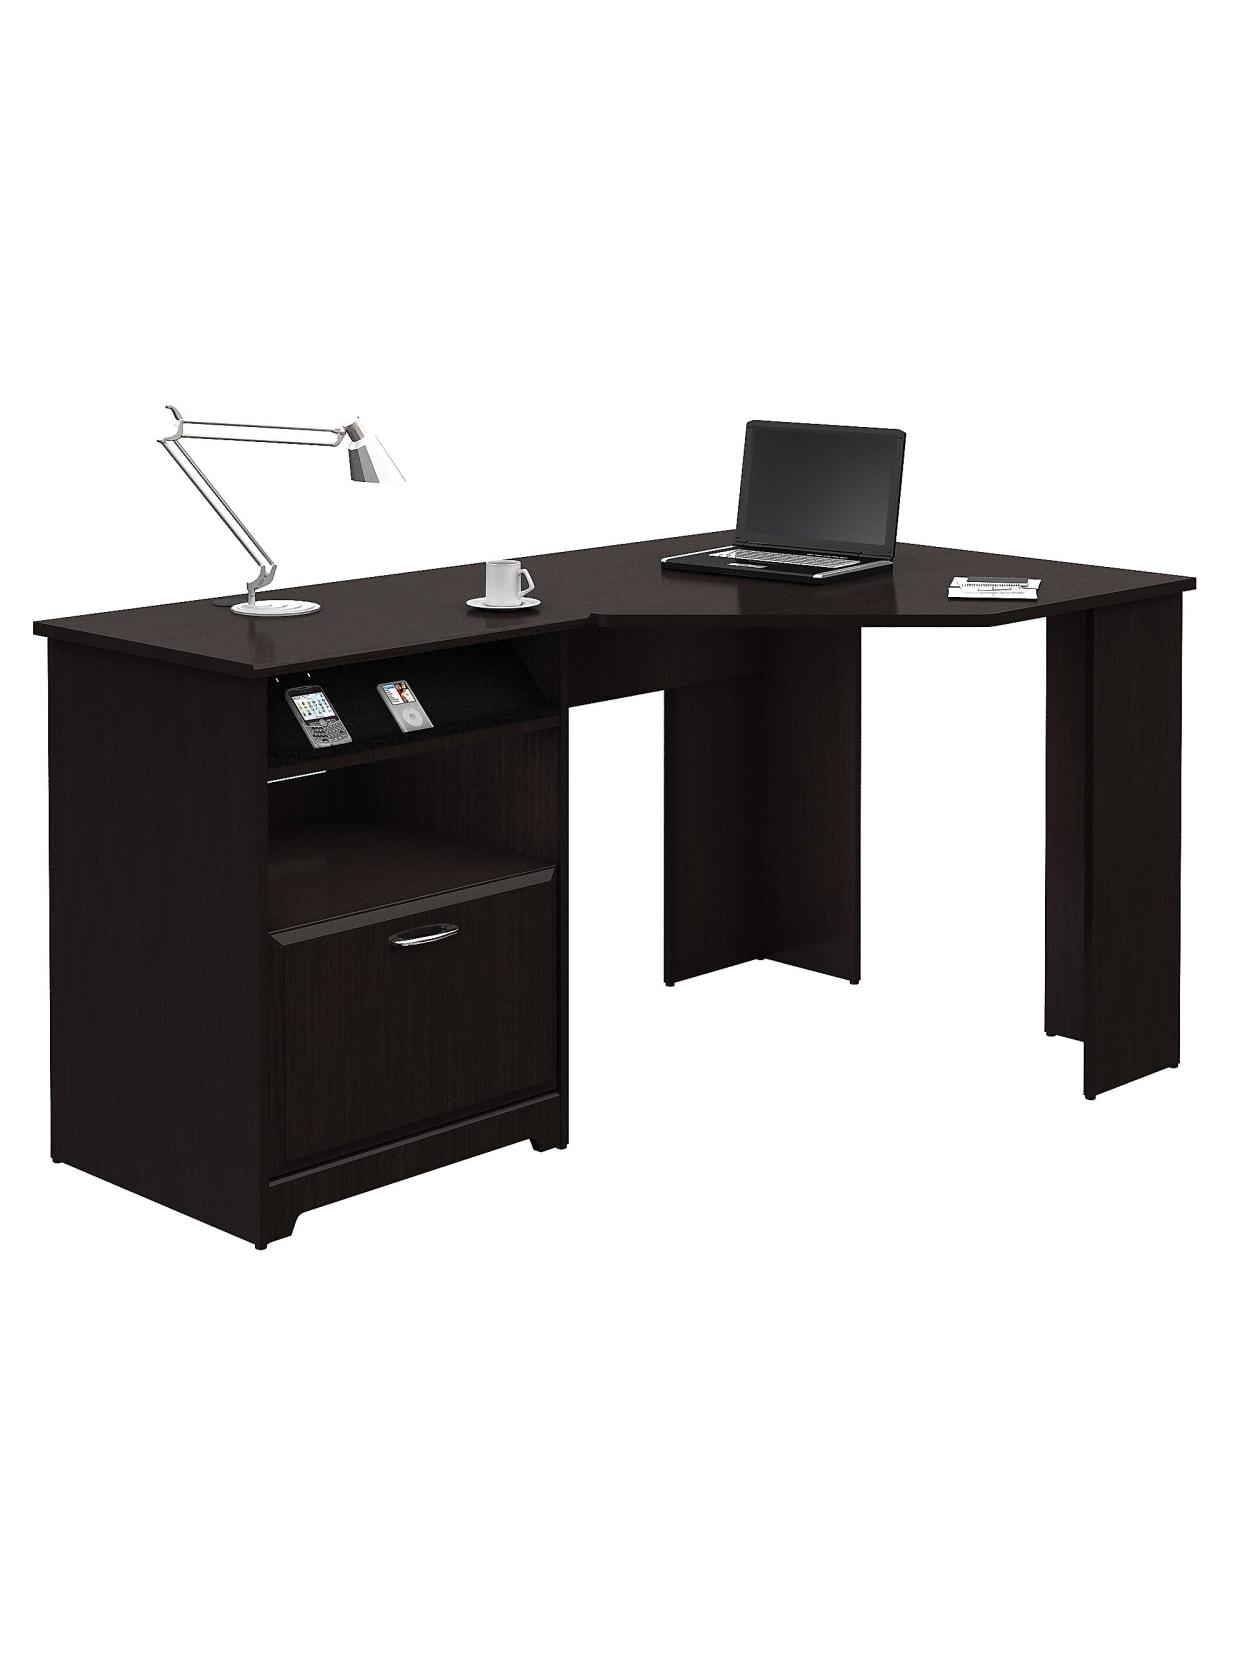 Bush Cabot Corner Desk Espresso Oak Standard Delivery Office Depot